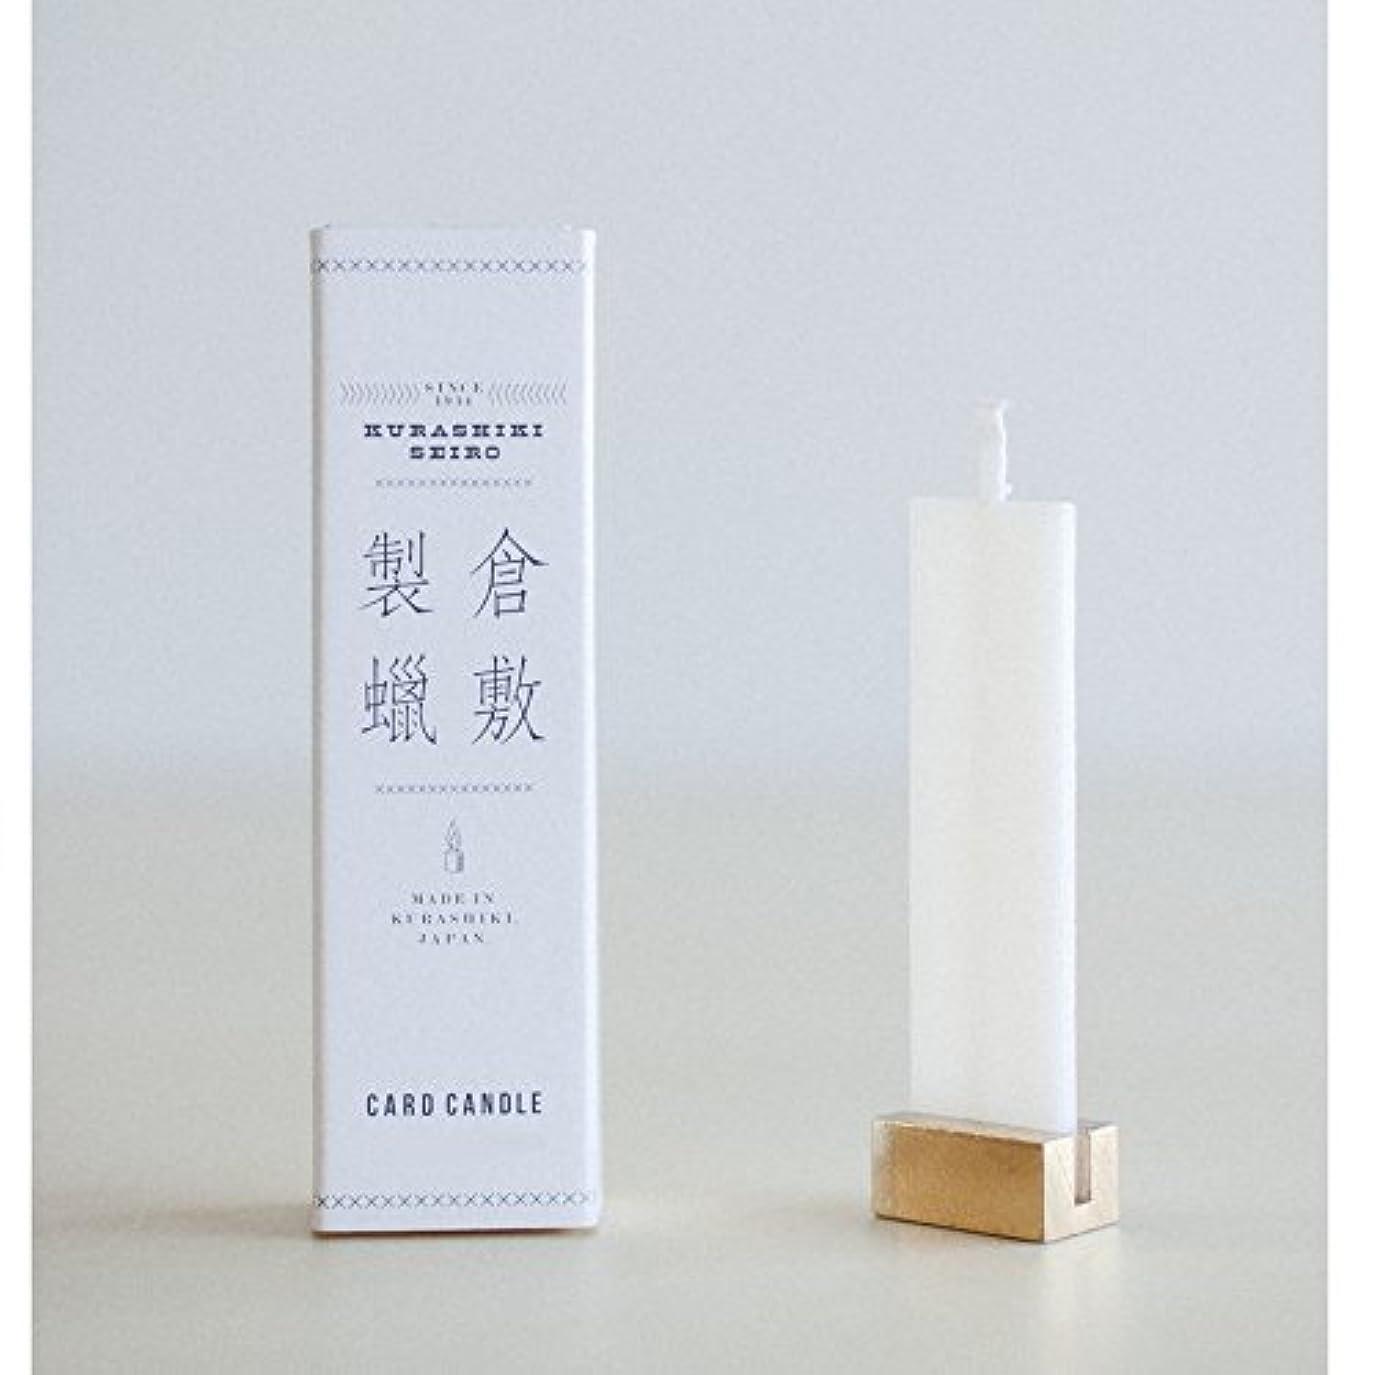 パーフェルビッド保存ファイバ倉敷製蝋 CARD CANDLE (Fresh Floral)